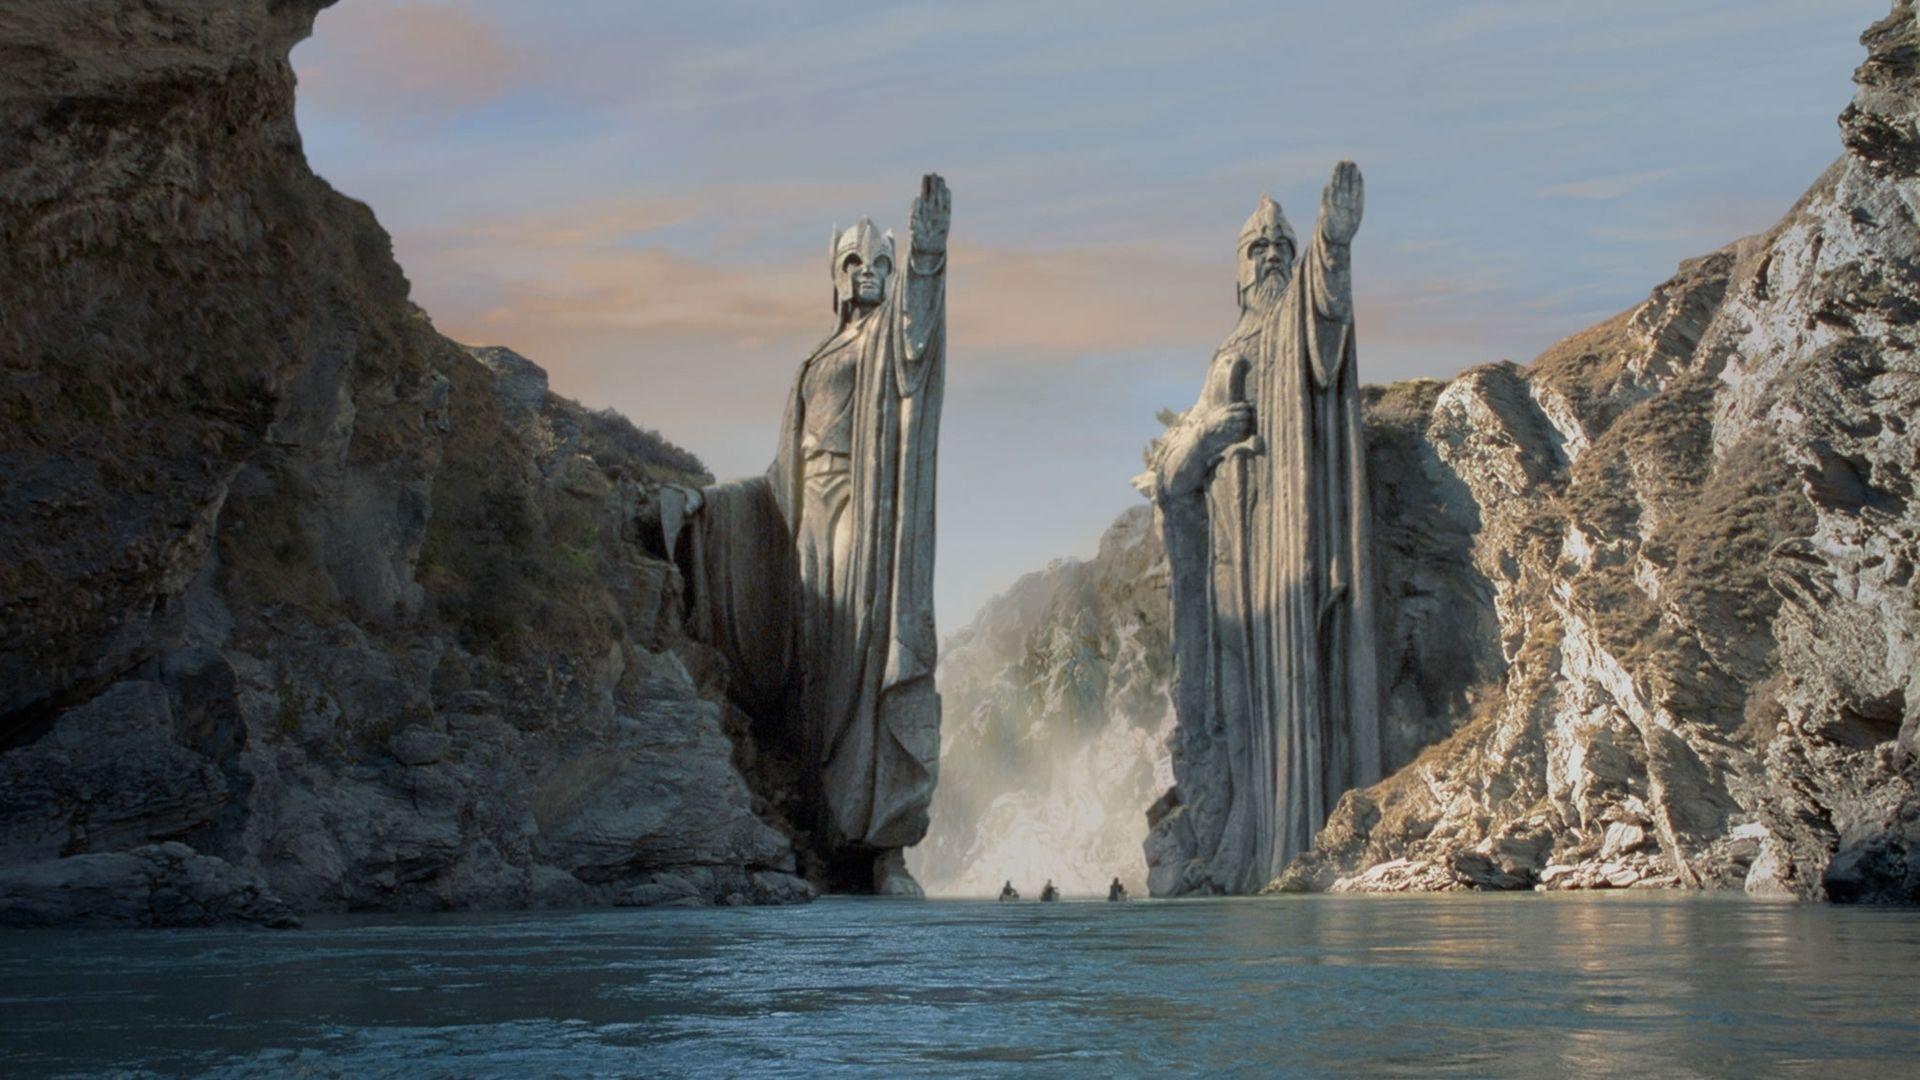 10 New Lord Of The Rings Wallpaper Hd 1920x1080 Full Hd 1080p For Pc Desktop El Senor De Los Anillos Fondos De Computadora Fondos De Pantalla Pc